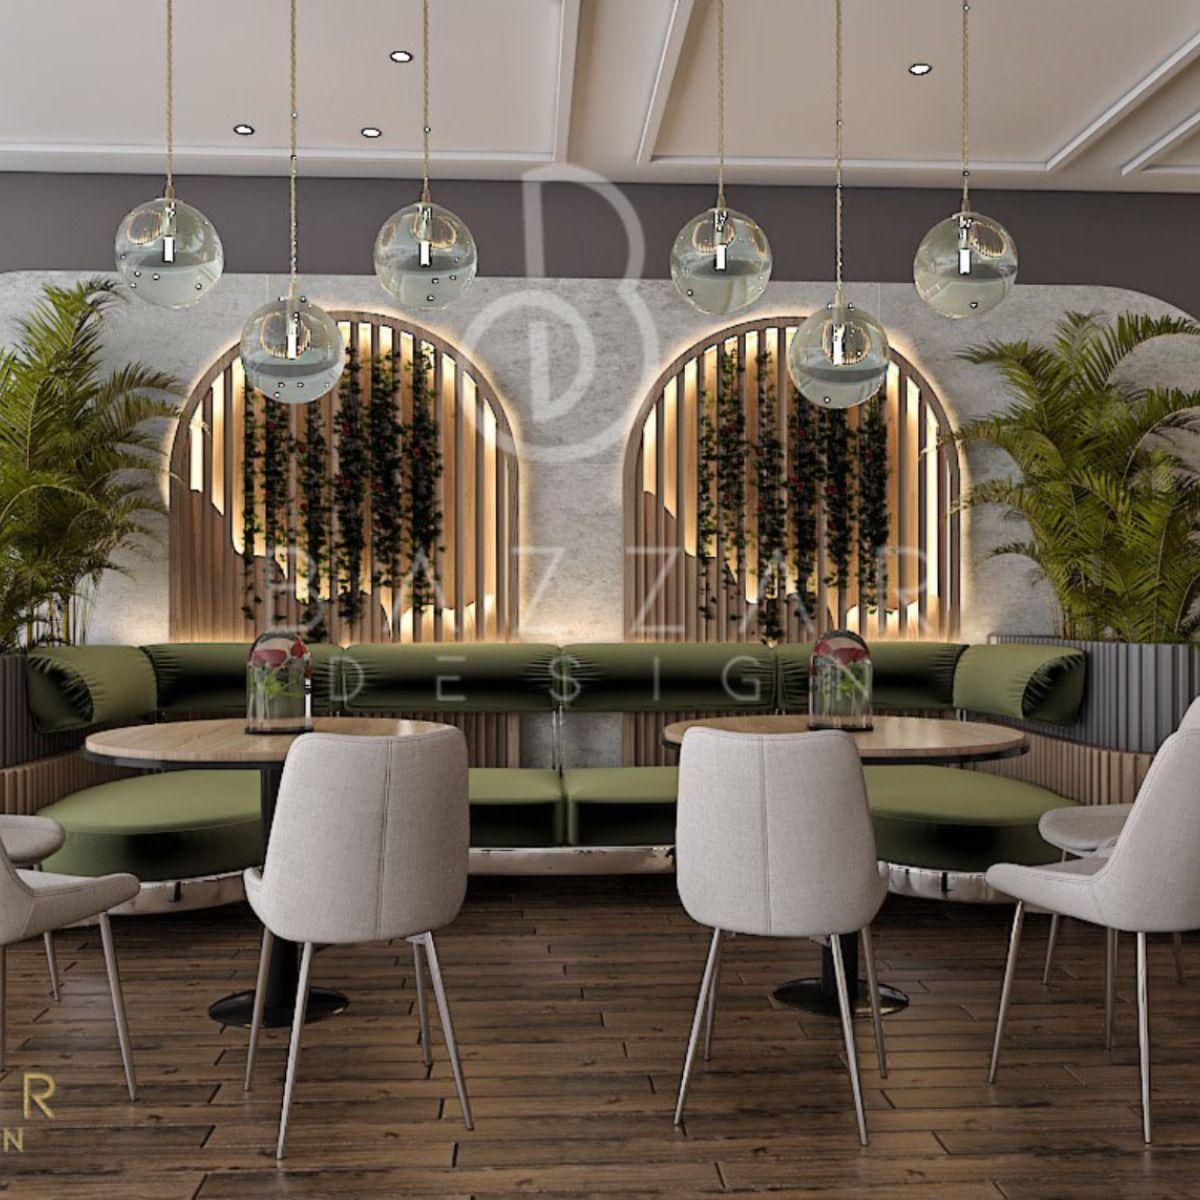 تصميم كافية على الطراز المودرن In 2021 Coffee Shop Interior Design Interior Design Shop Interiors